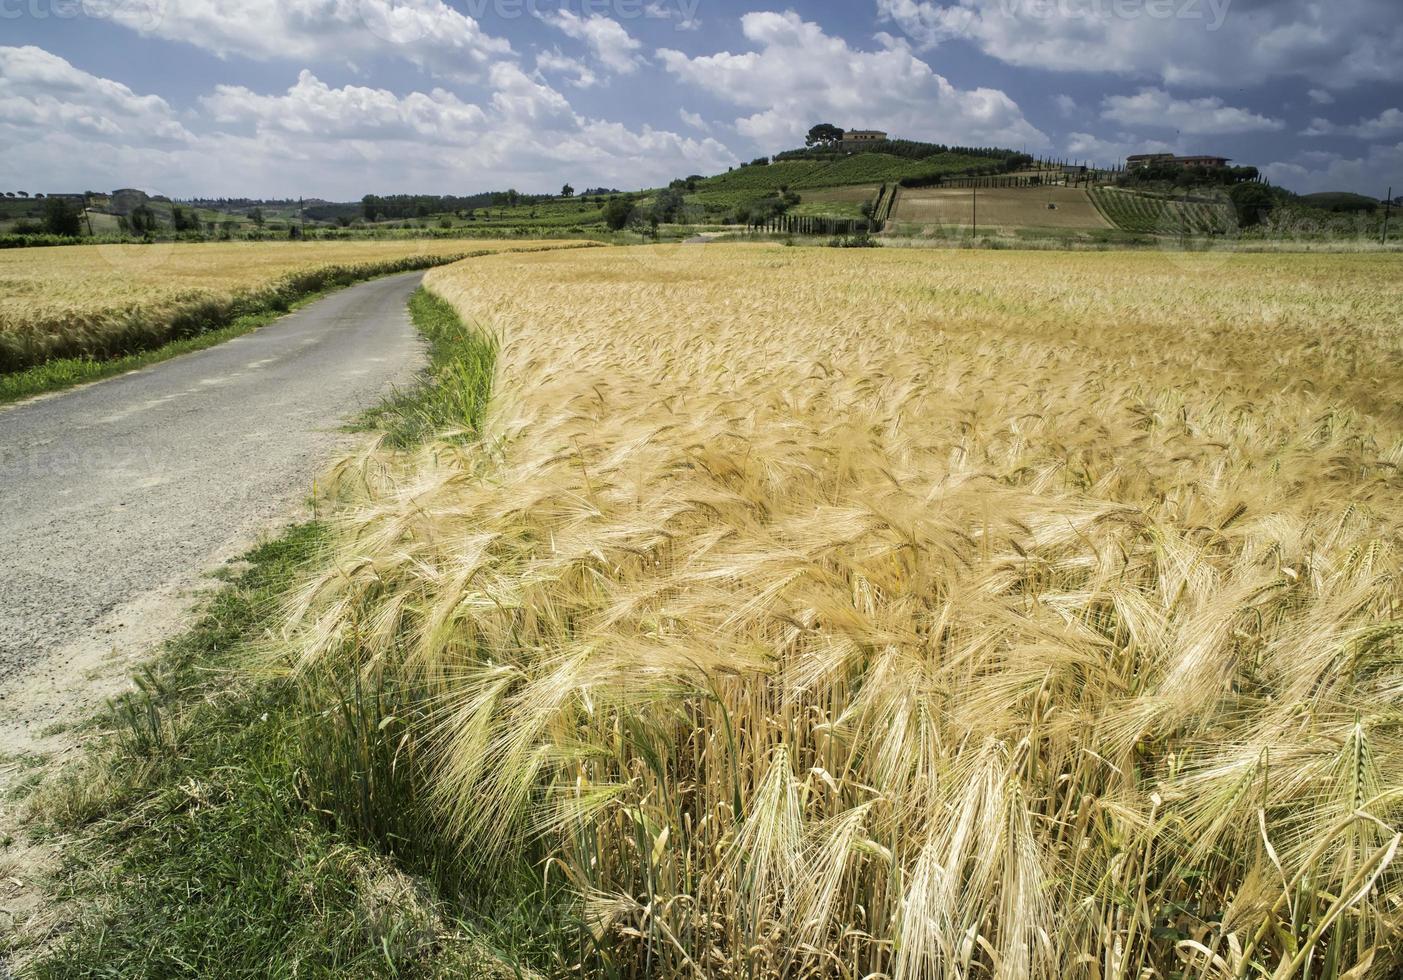 colture di cereali e fattoria in toscana foto